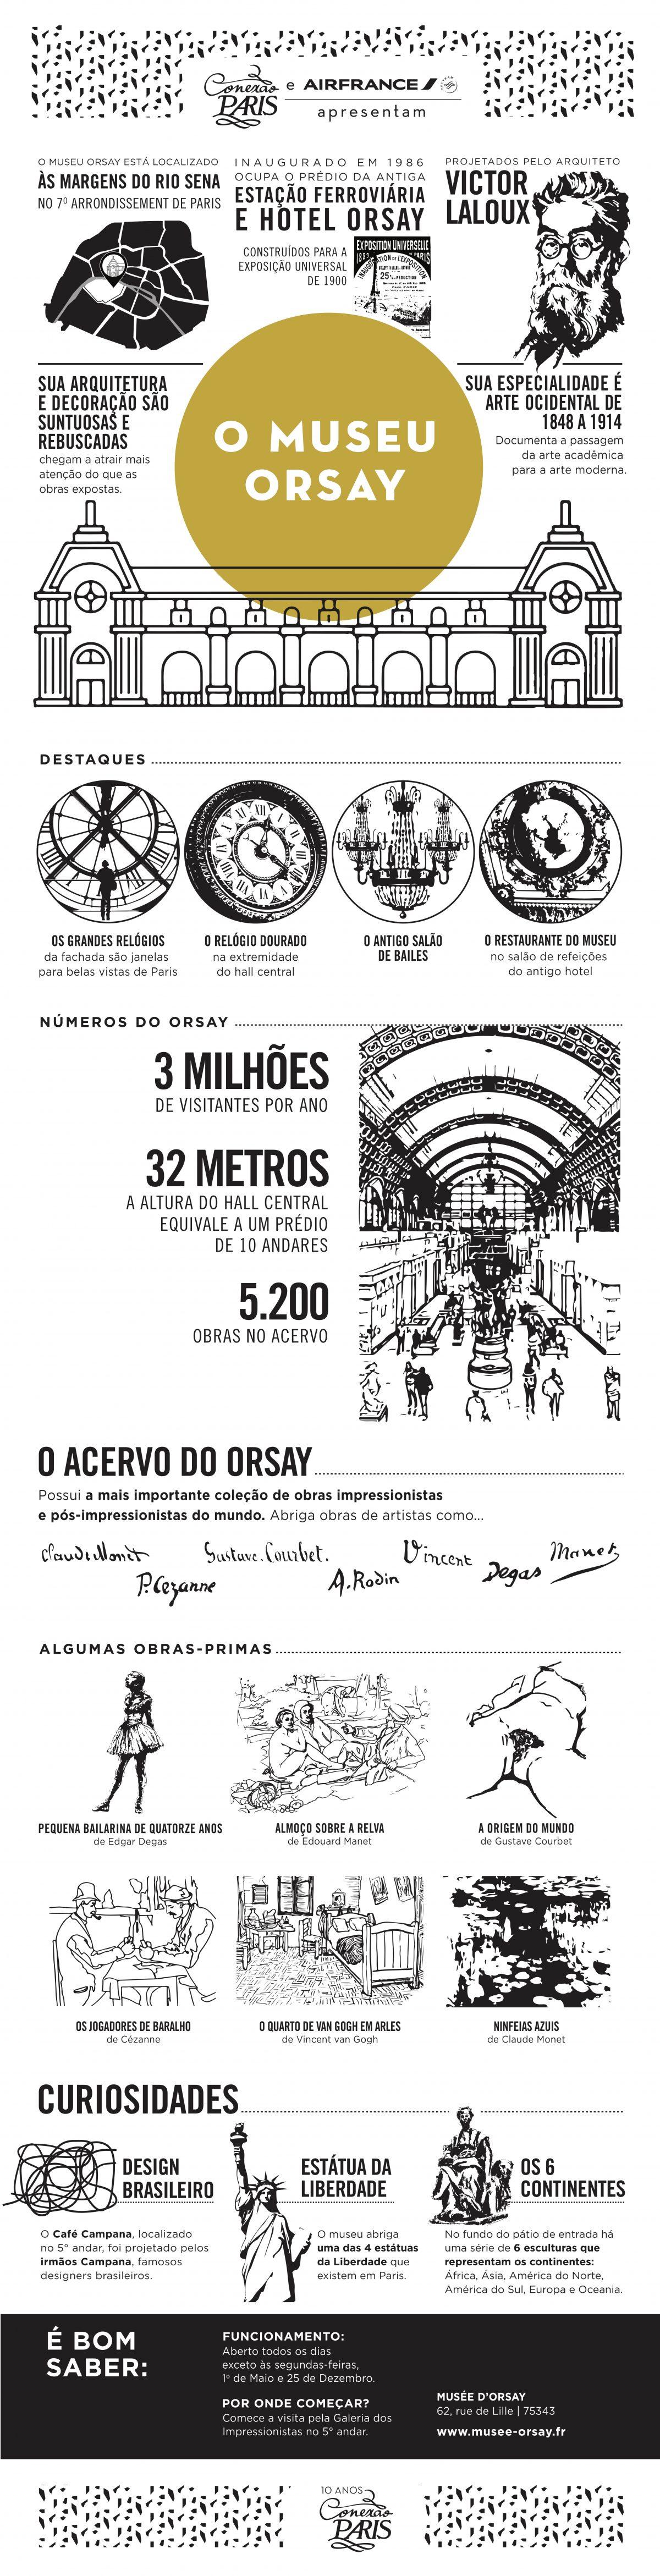 museu orsay